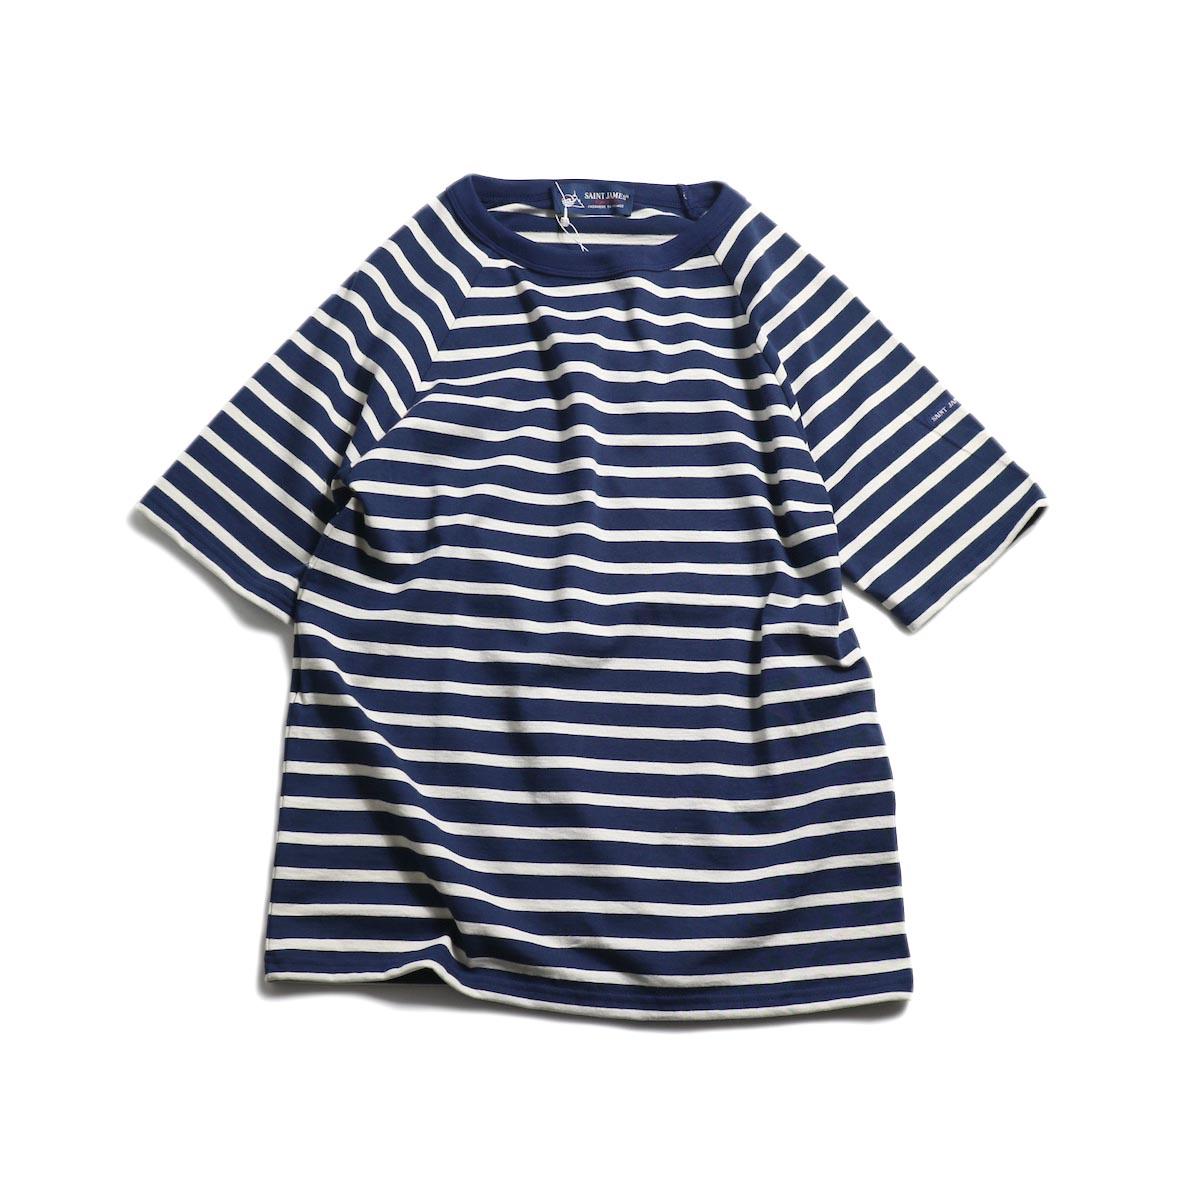 SAINT JAMES / クルーネックラグラン -Marine/Ecru